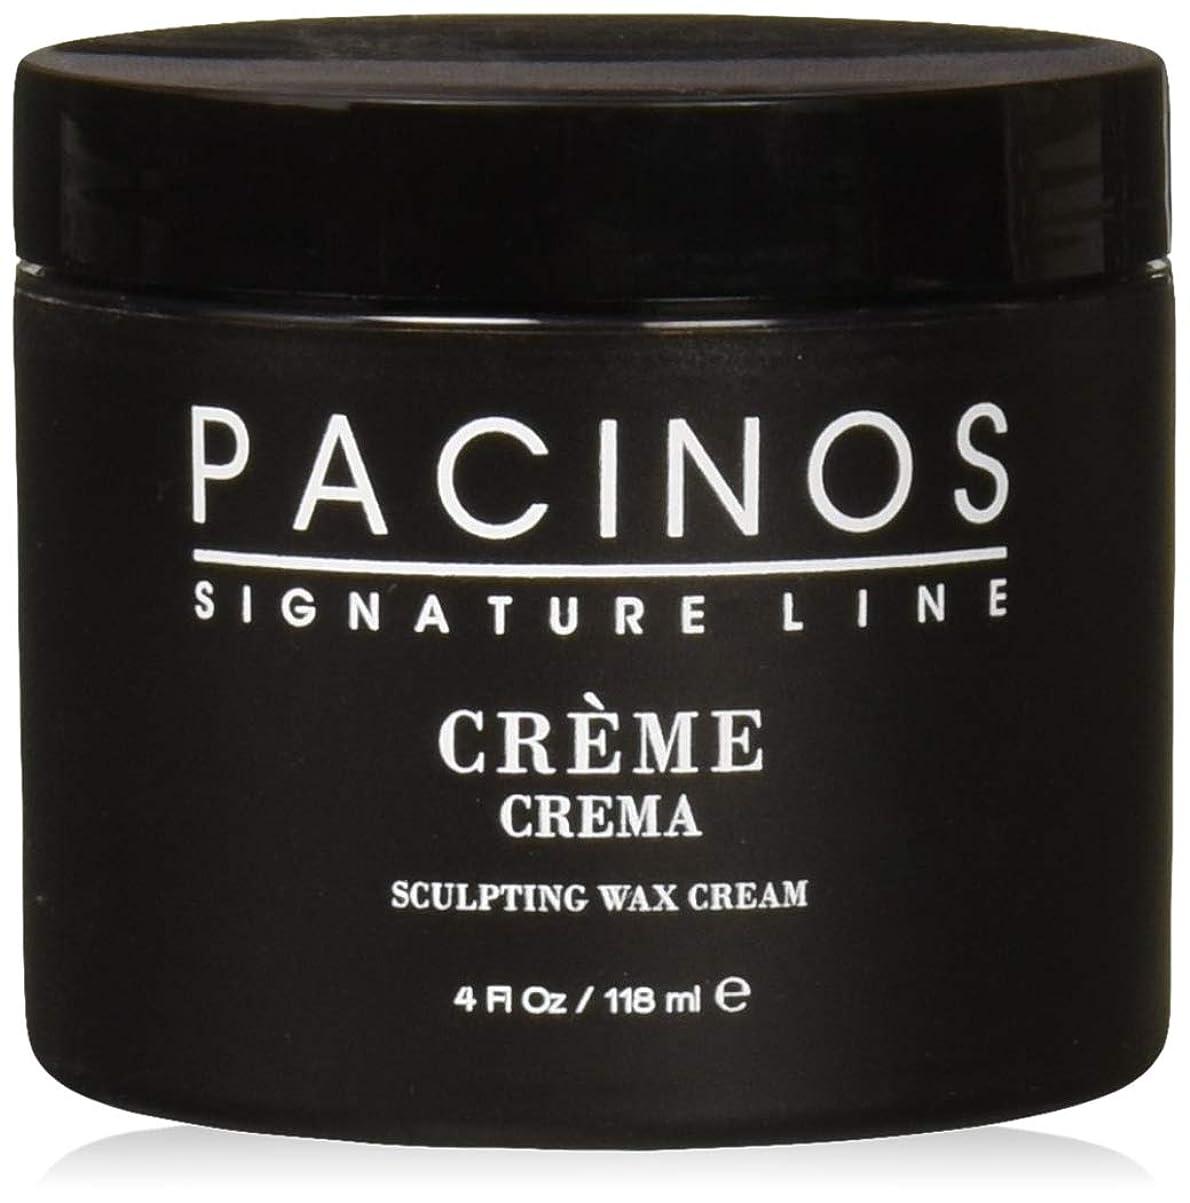 不純アカウント誇張Pacinos Grooming Elegance Creme, Sculpting Wax Cream 4oz by Pacinos [並行輸入品]